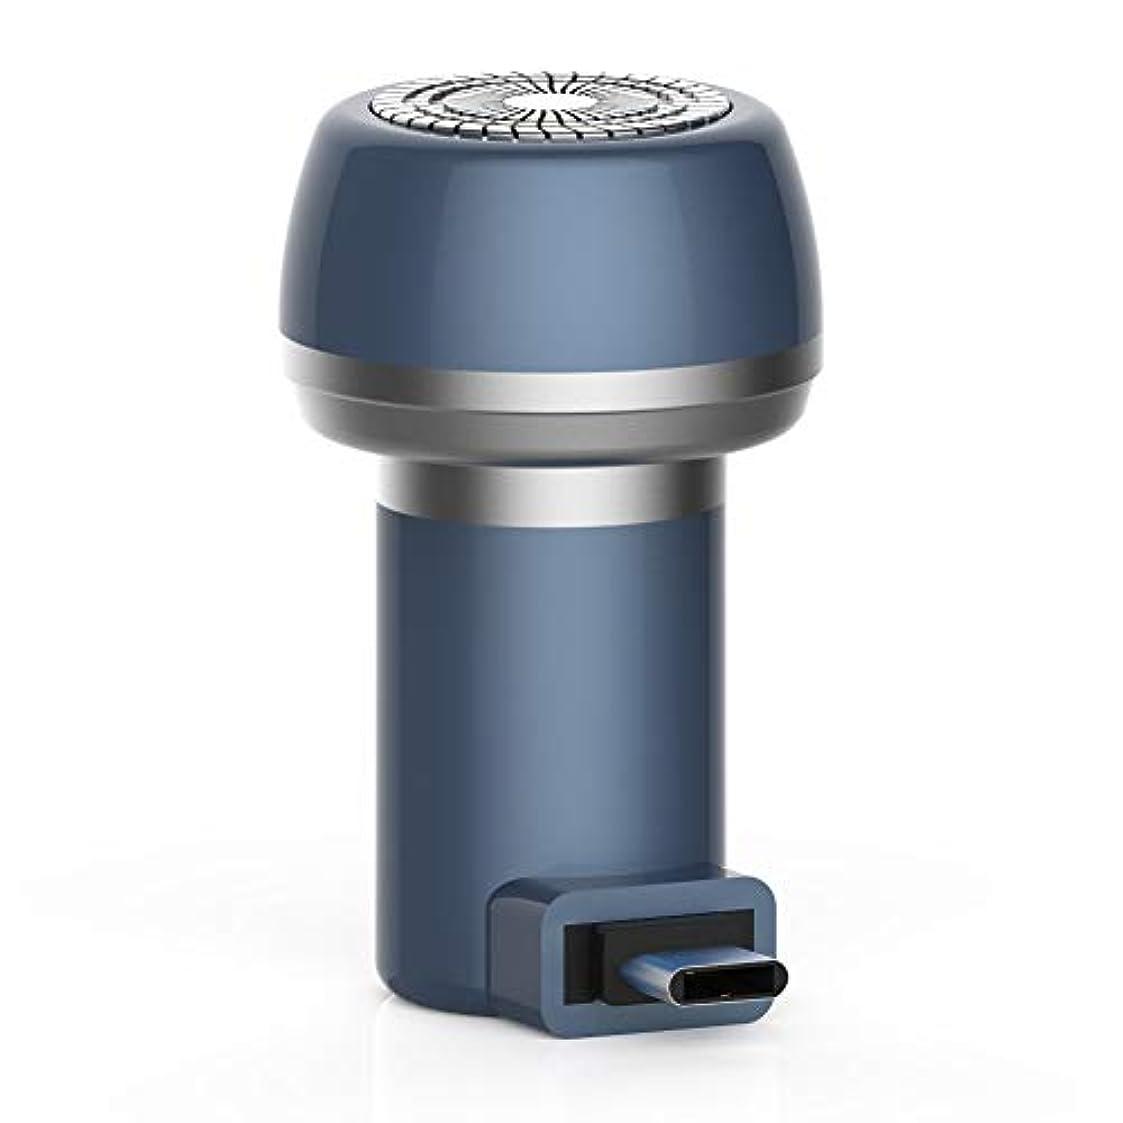 郵便屋さんストレージ樫の木CatChi 磁気電気シェーバーミニポータブルType-C USB防水剃刀